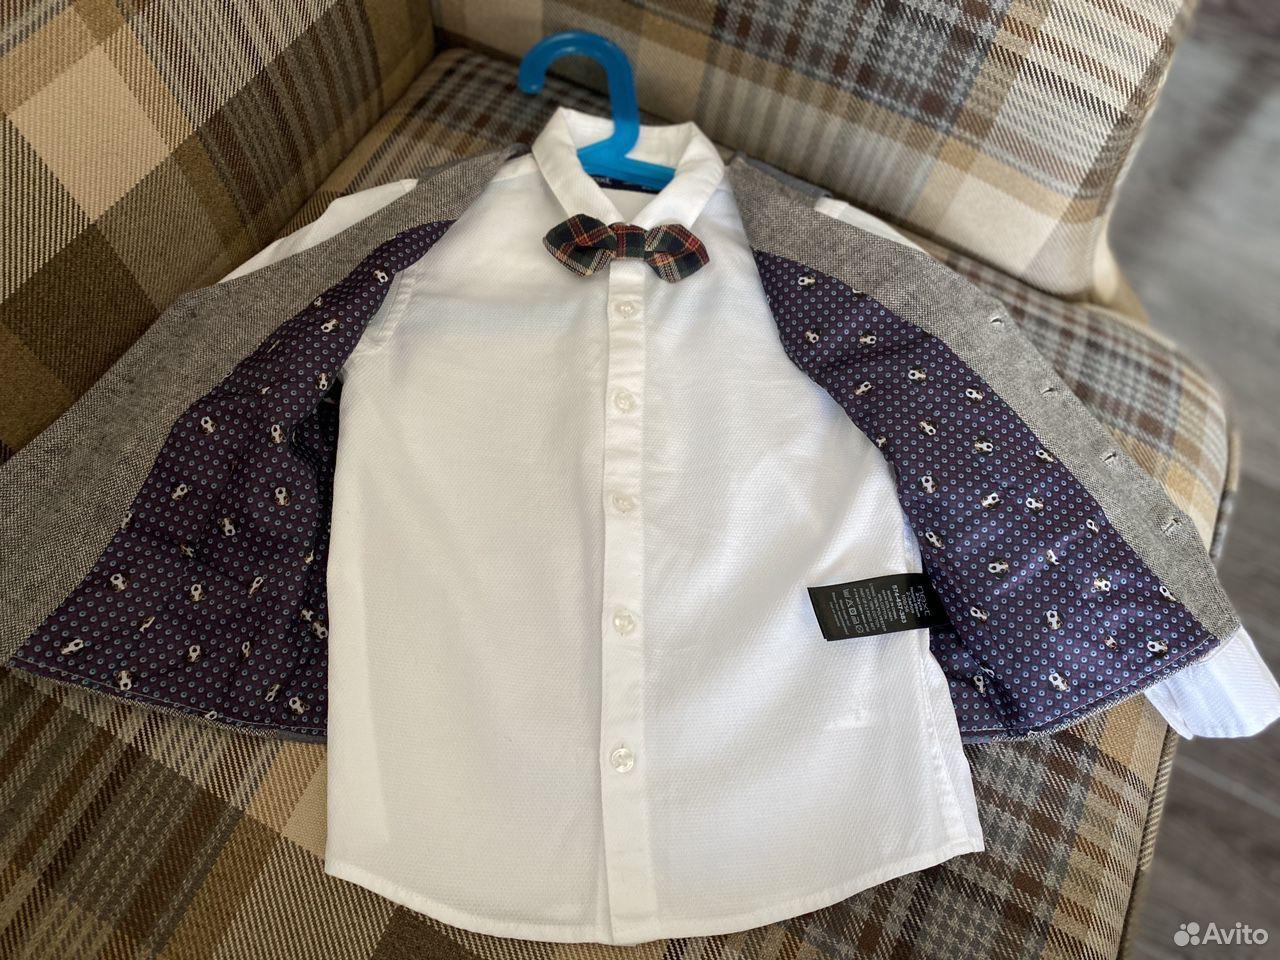 Комплект Next (рубашка, галстук- бабочка, жилет)  89788257655 купить 3